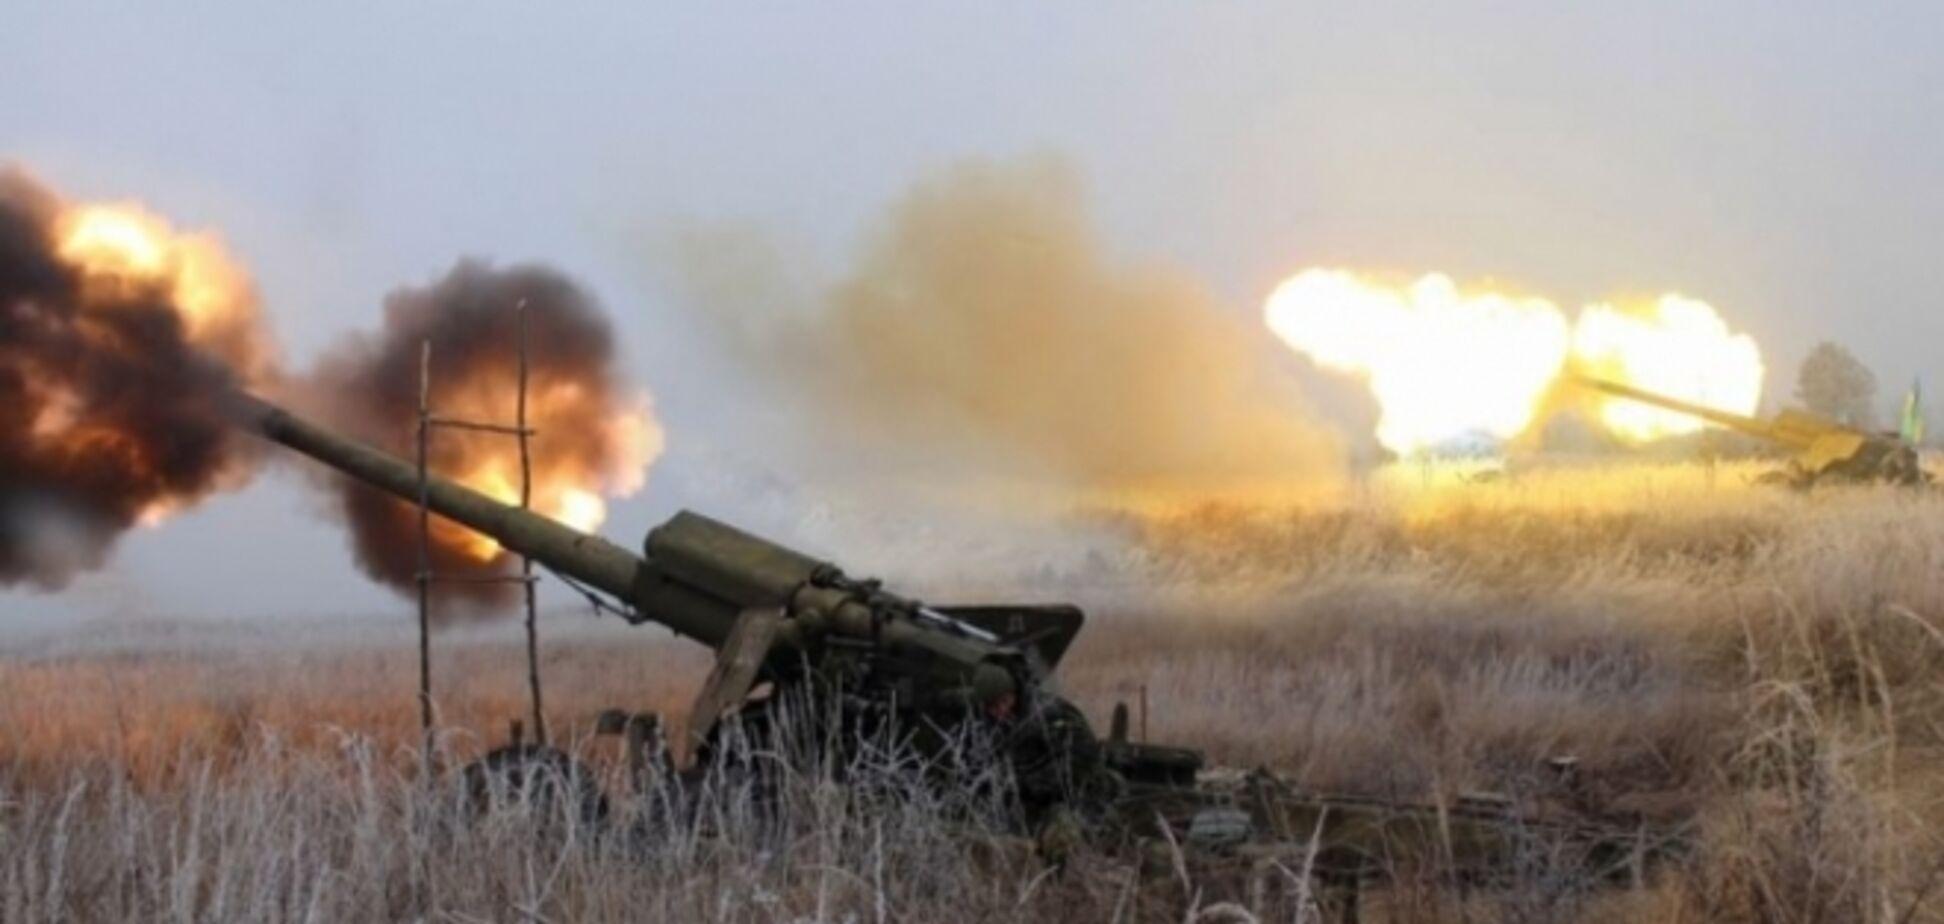 Тымчук объяснил, почему украинская армия успешно воюет на Донбассе